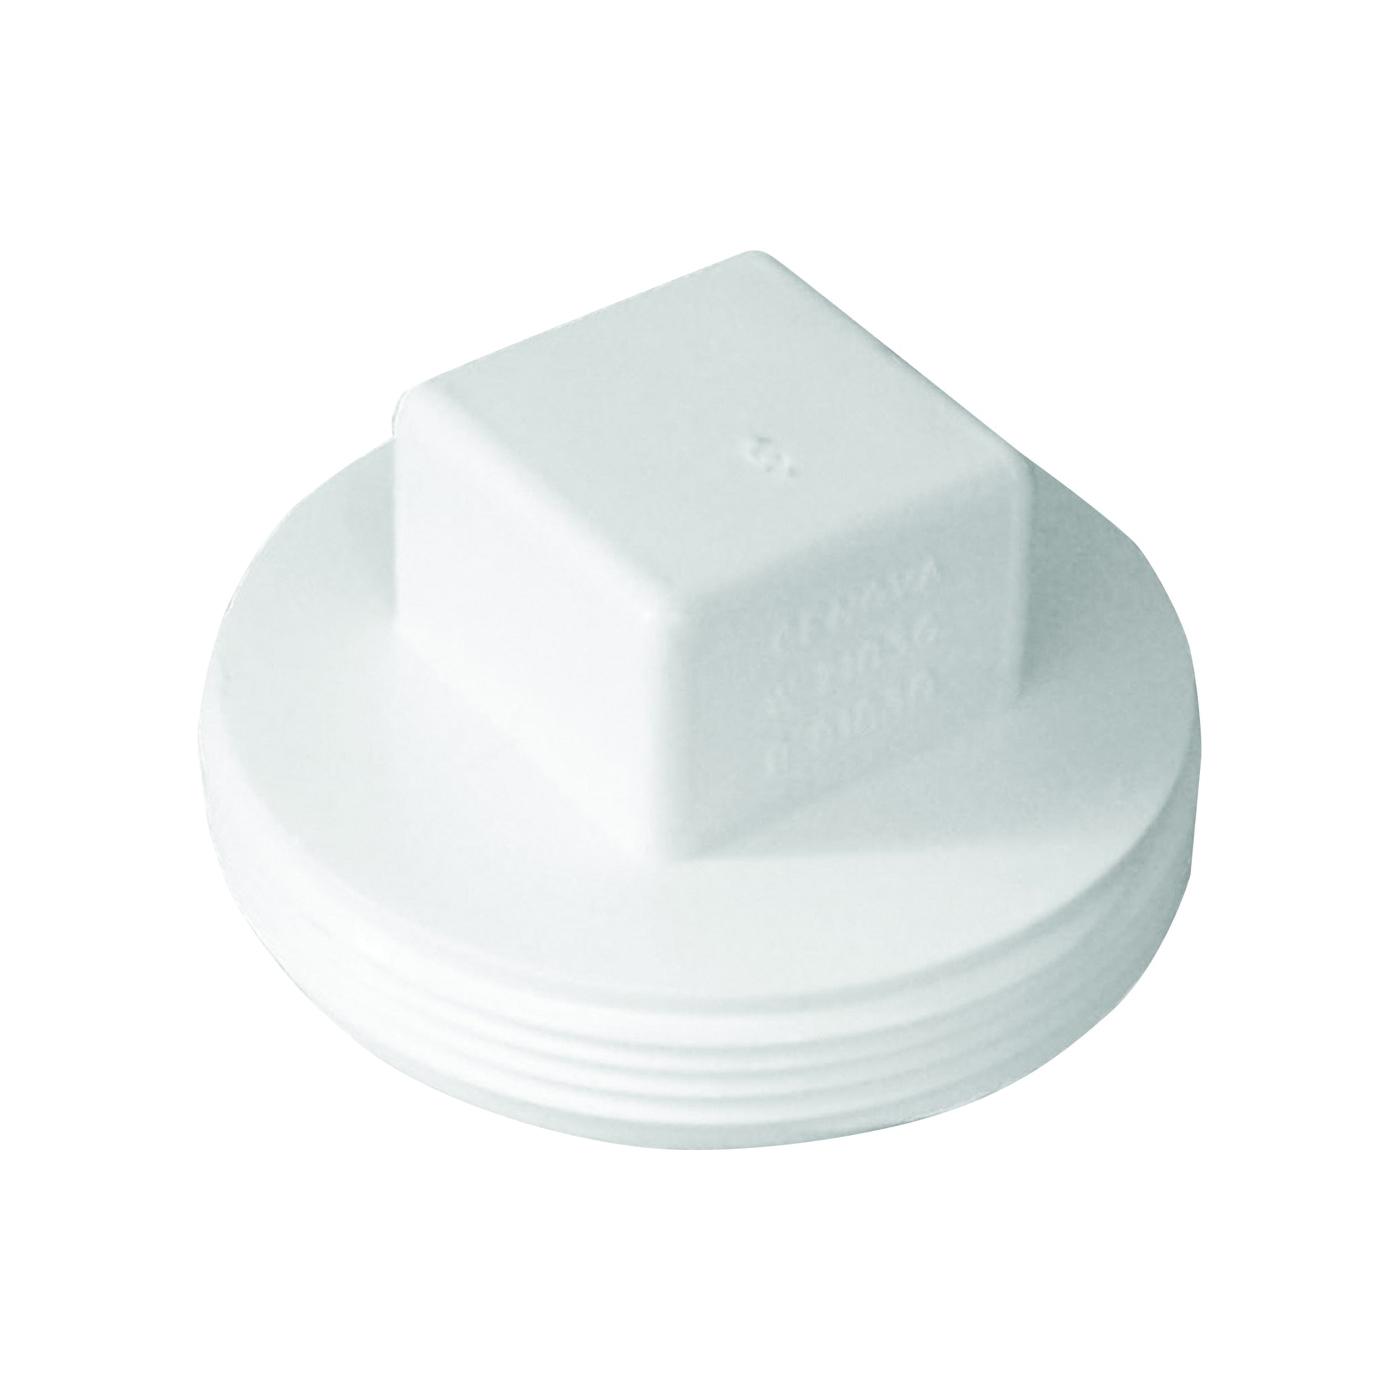 Picture of GENOVA 41830/S Pipe Plug, 3 in, MIP, Styrene, White